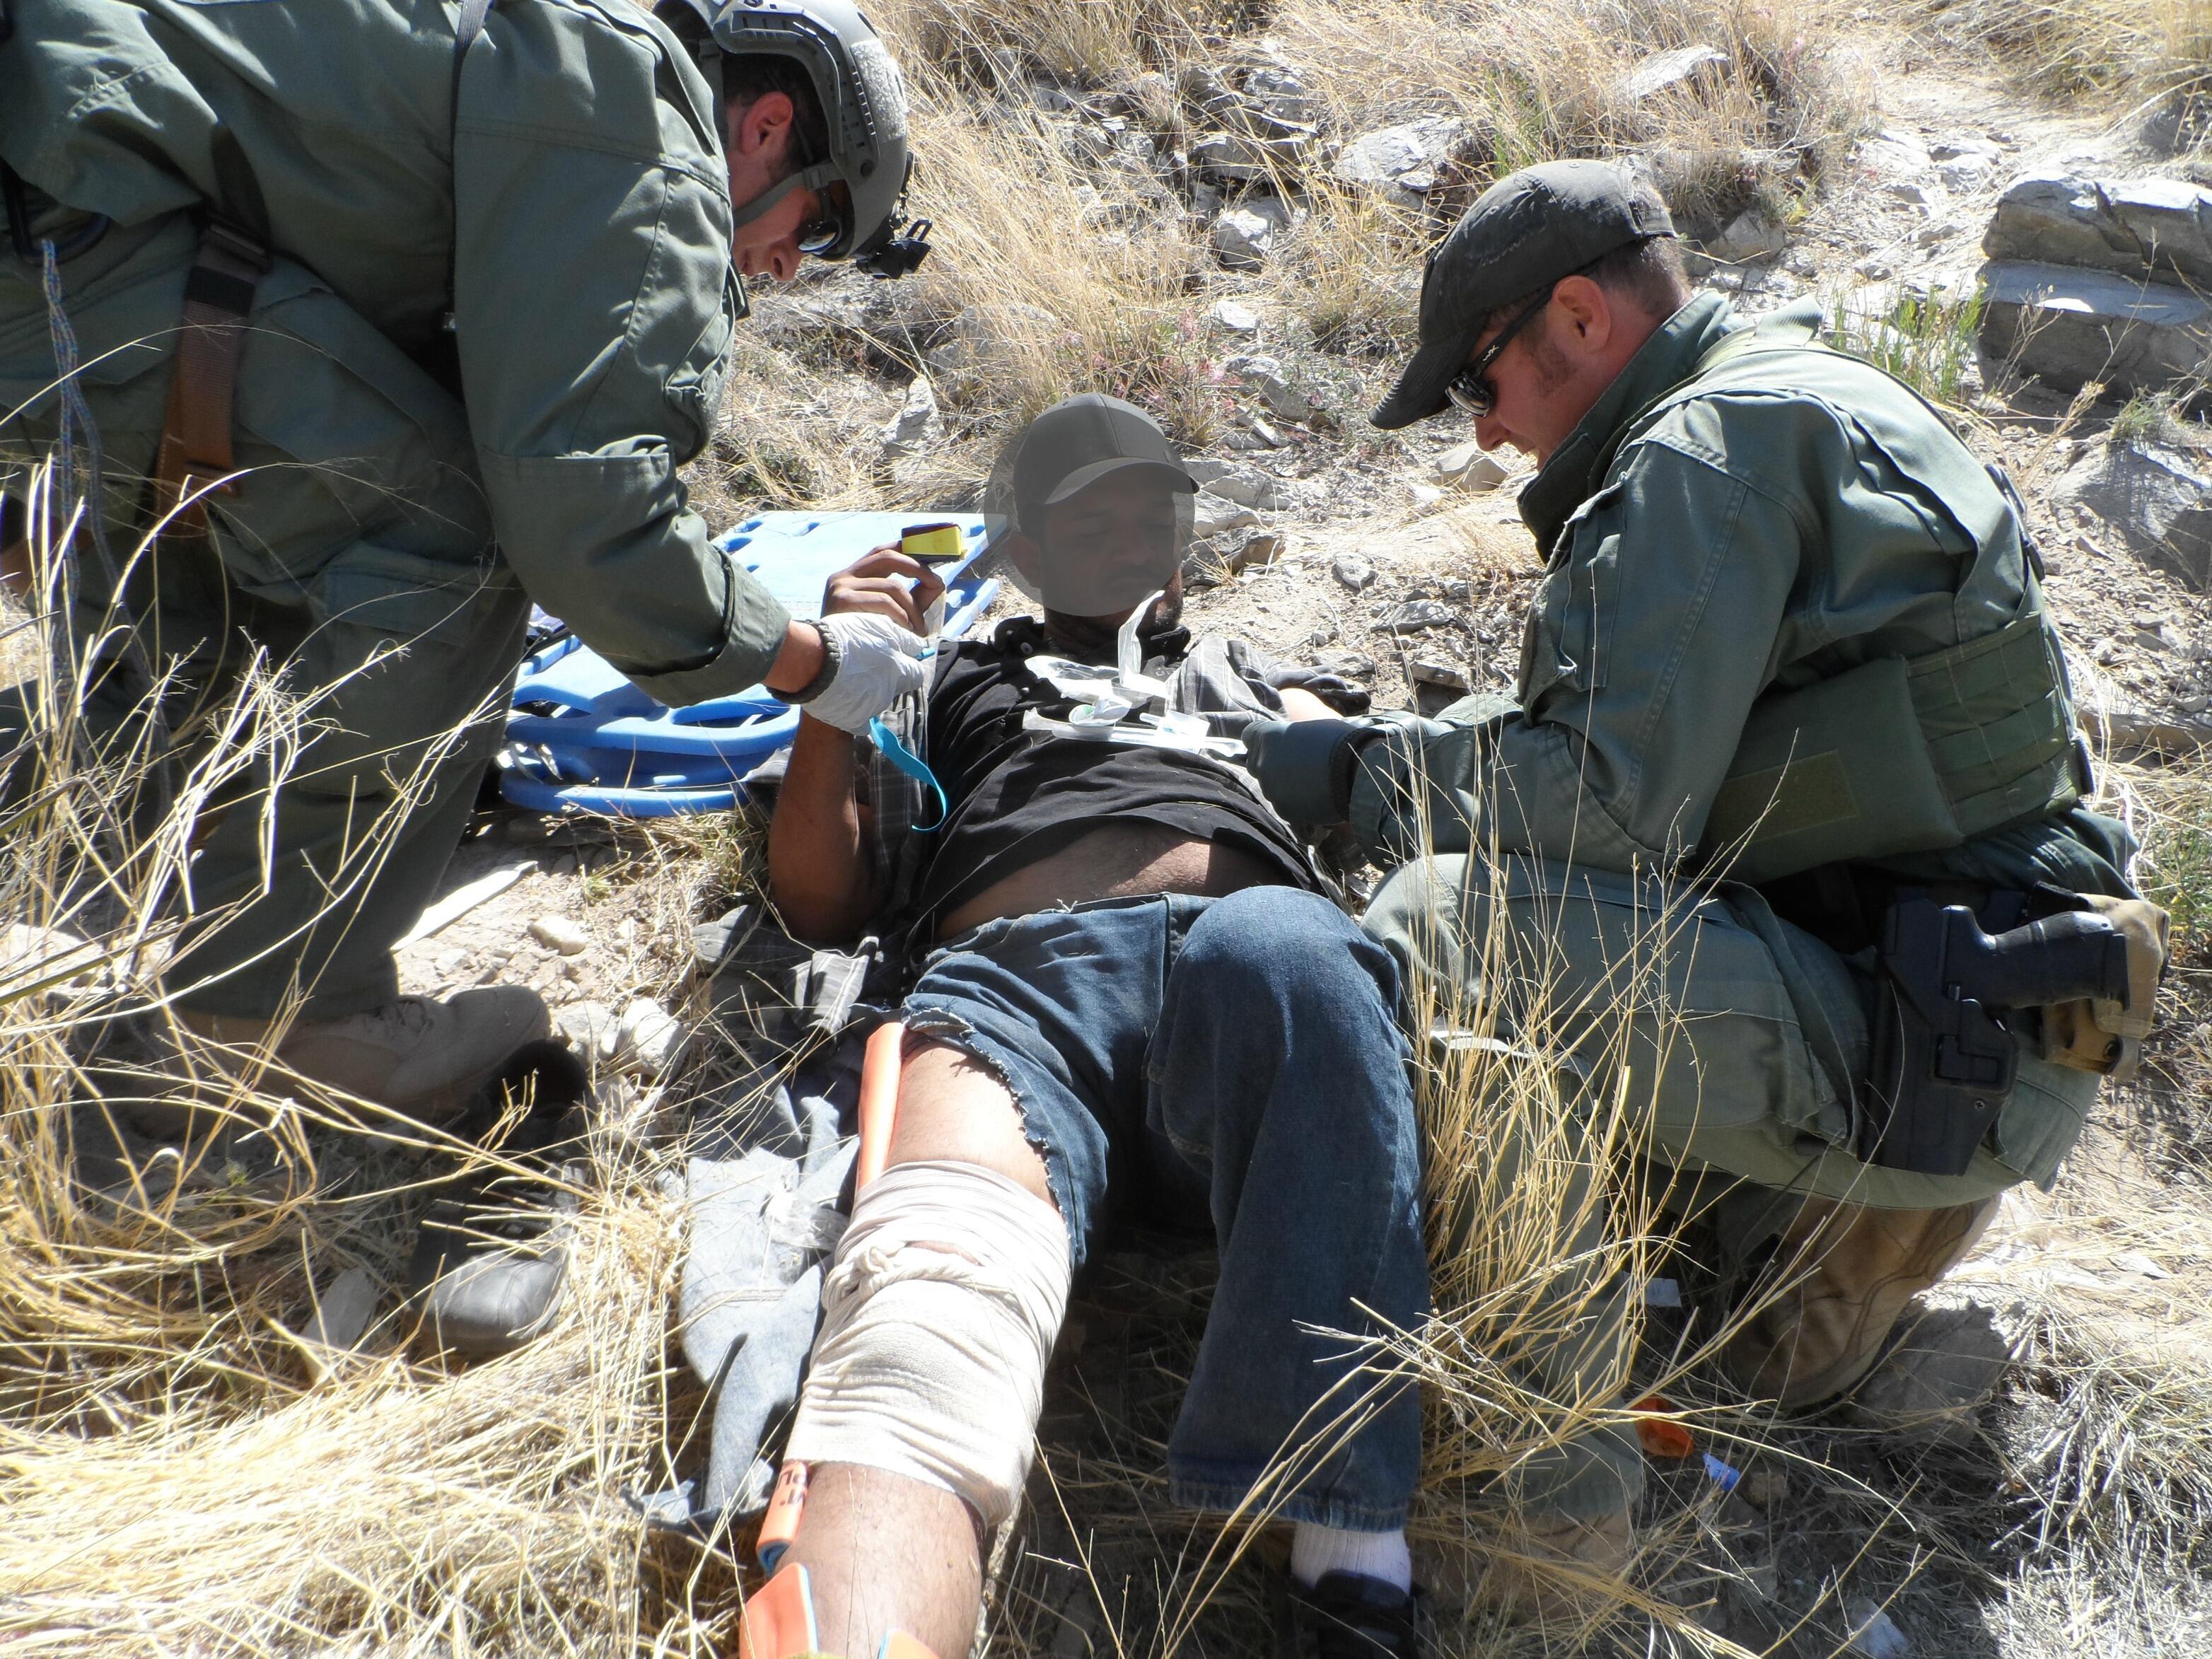 Miembros del Equipo de Búsqueda, Trauma y Rescate de la Patrulla Fronteriza (BORSTAR) rinden primeros auxilios a un migrante lesionado.